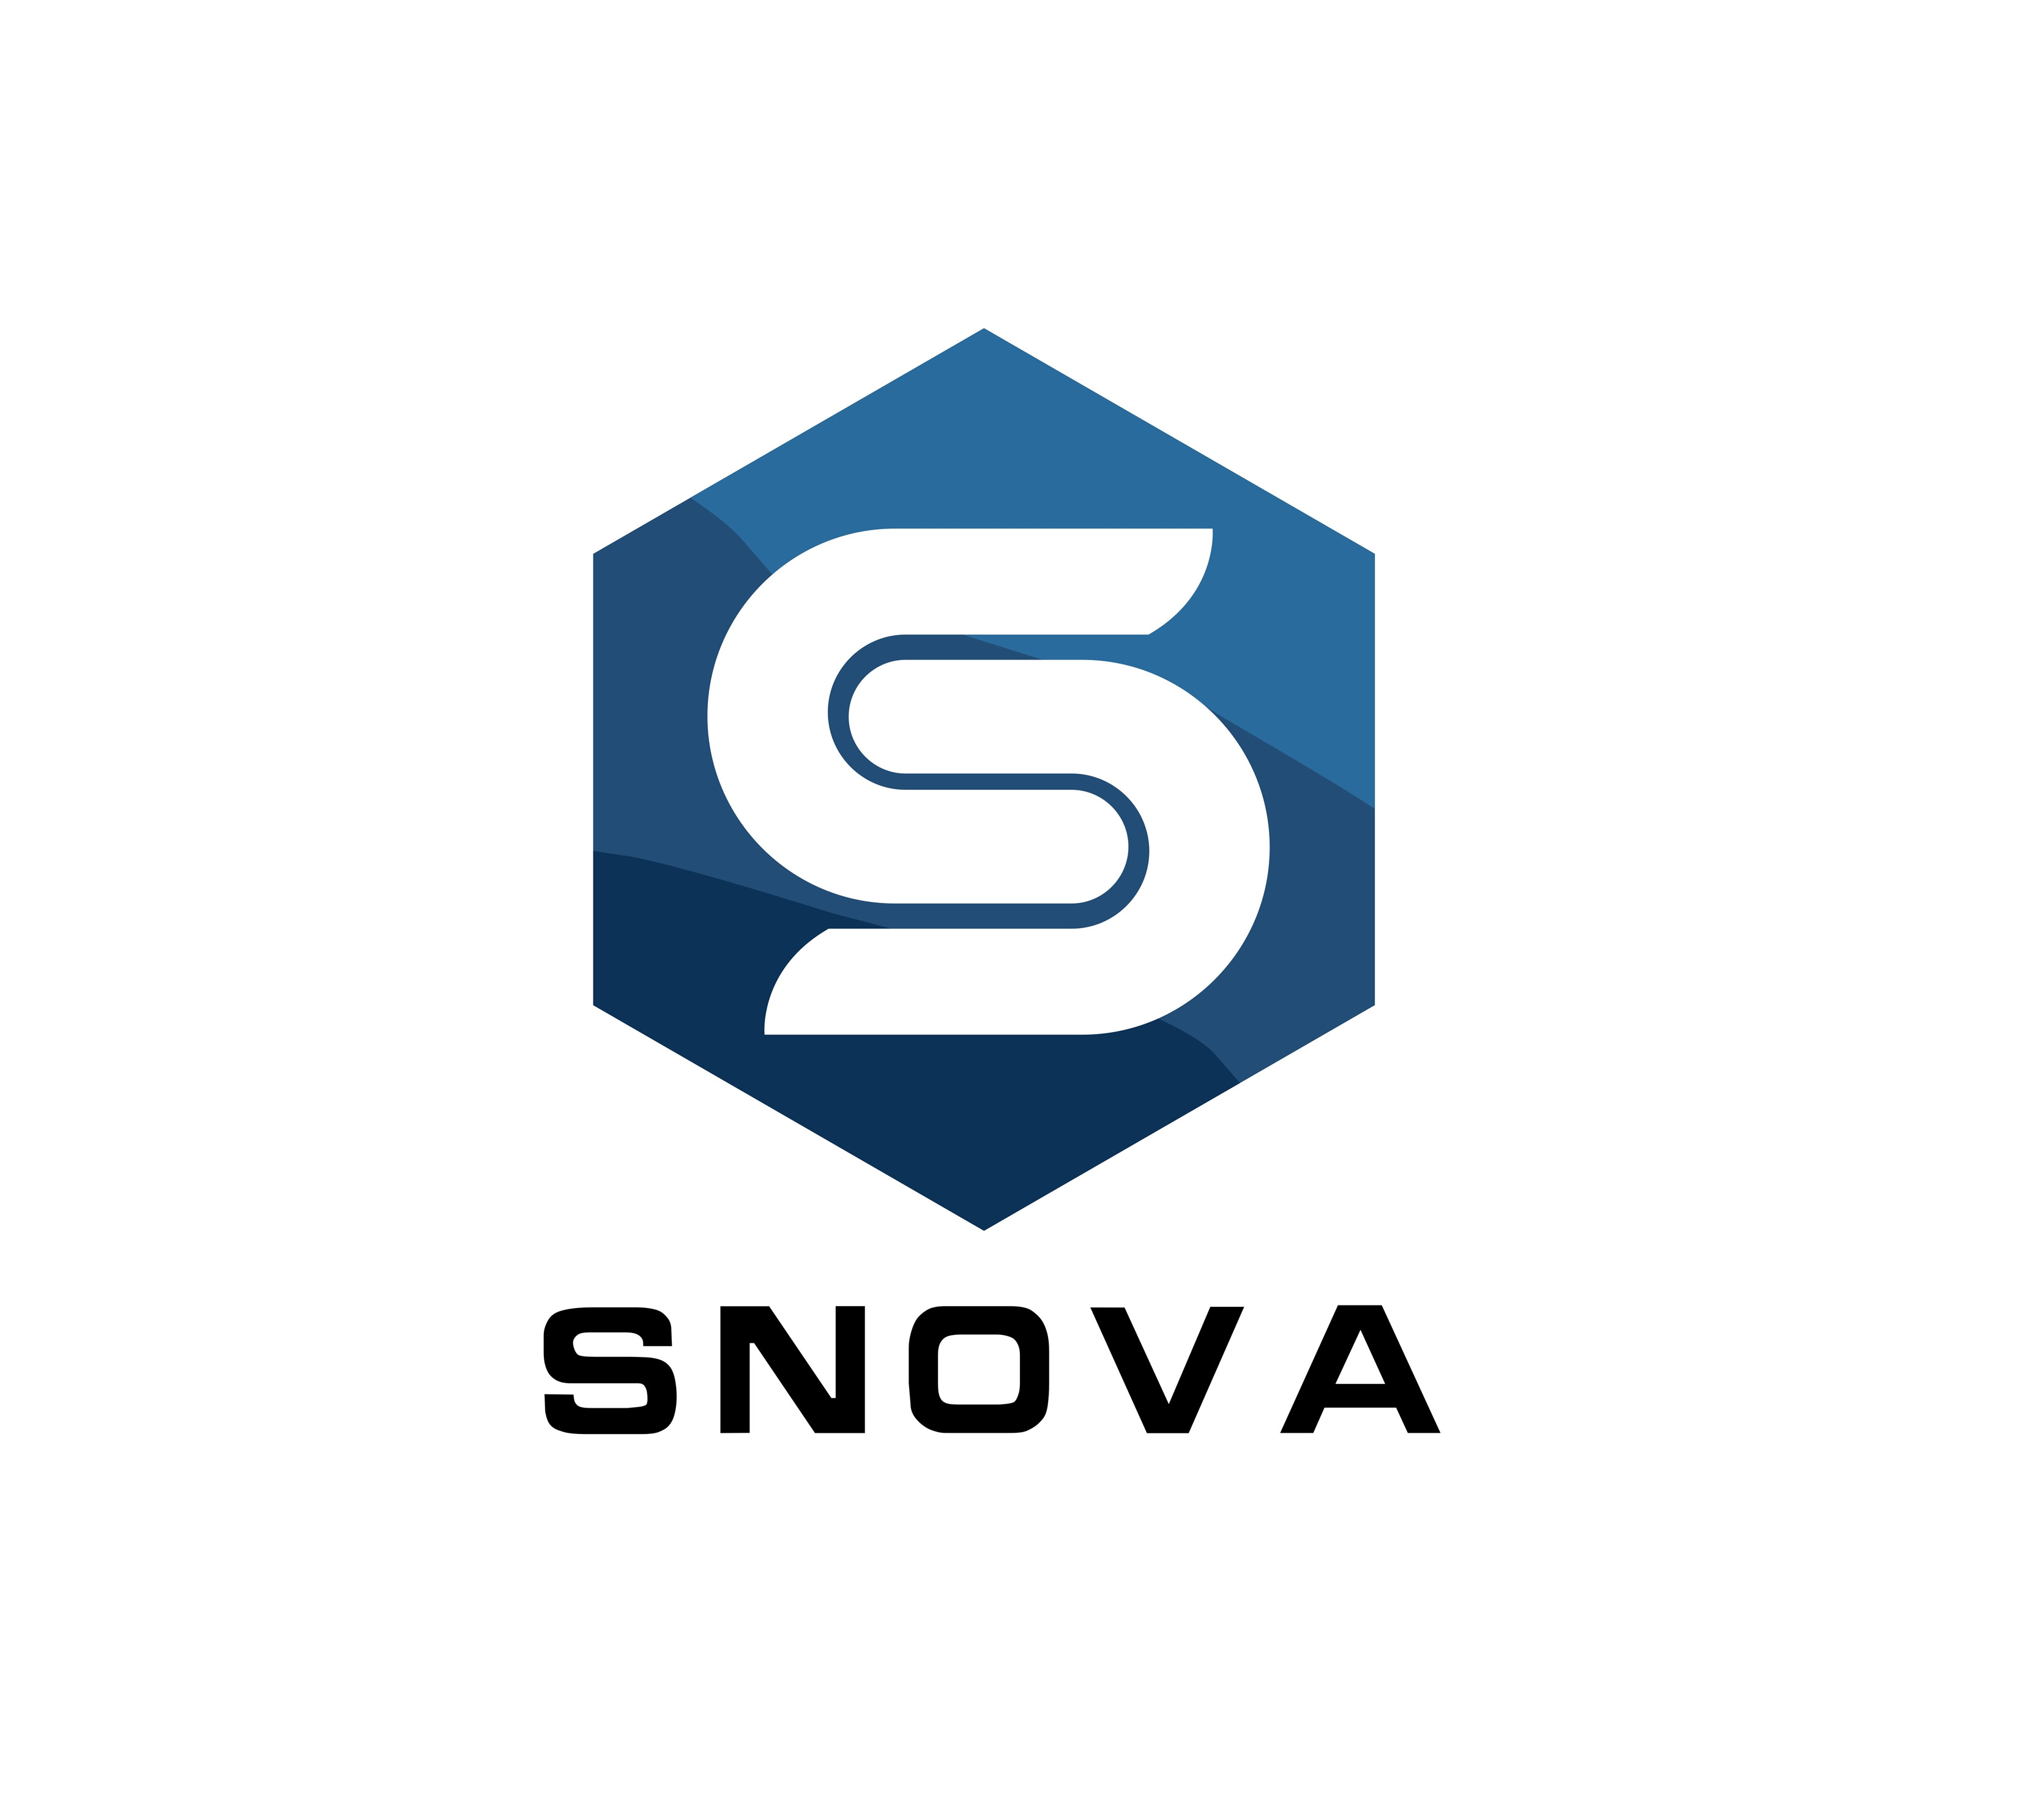 珠无数寒冰剑气陡然破碎海市斯诺瓦科技有限公司